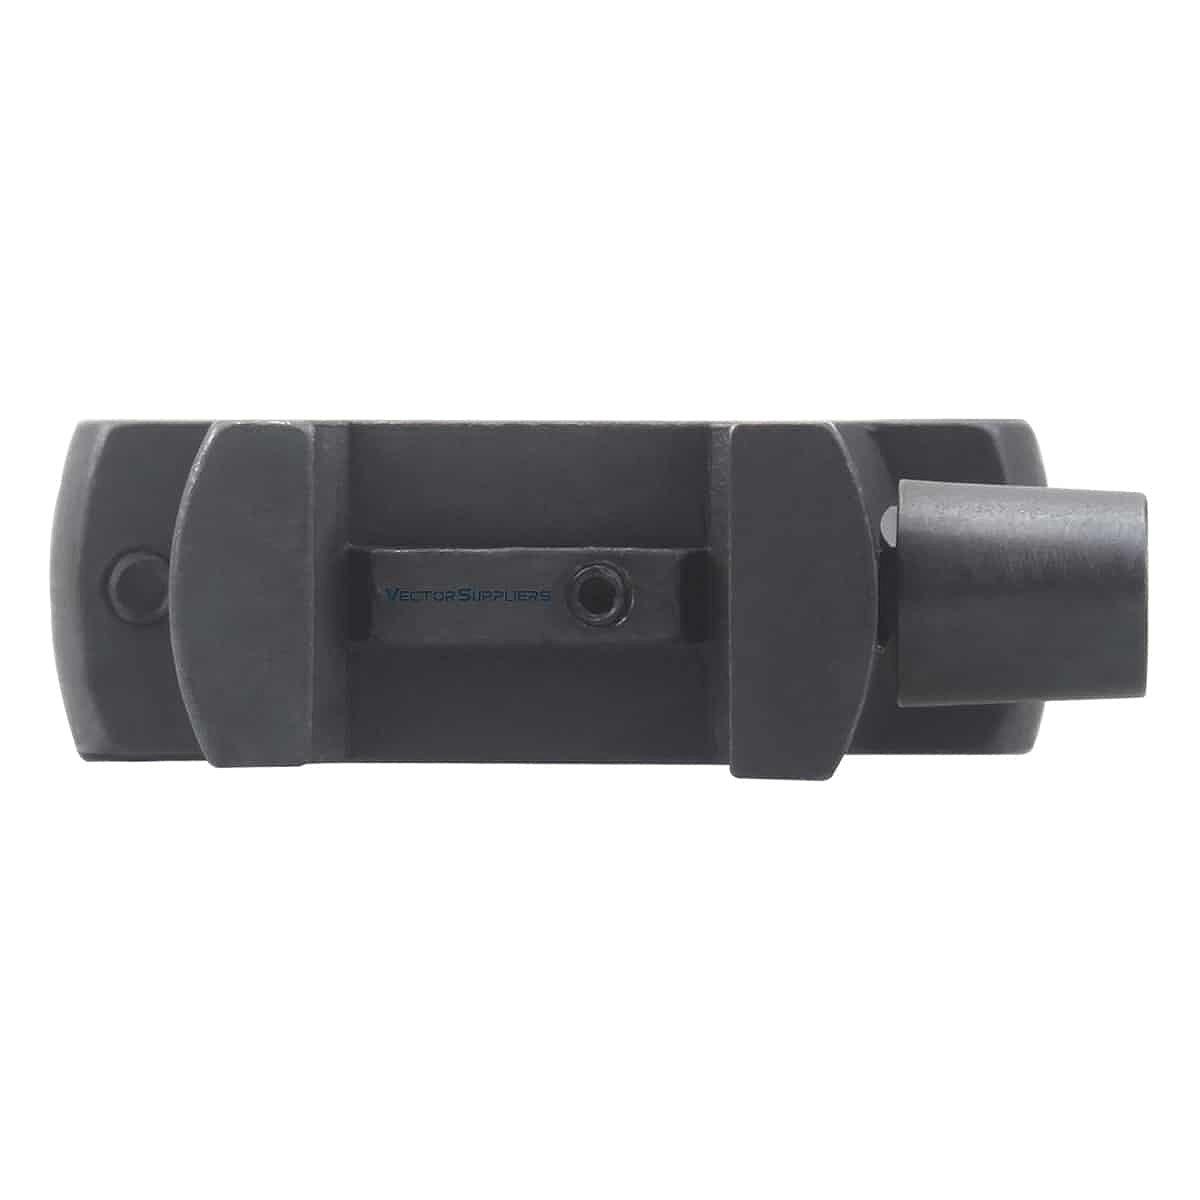 【お届け予定日: 6月30日】ベクターオプティクス スコープマウント 30mm Steel HighWeaver Rings  Vector Optics SCSR-06